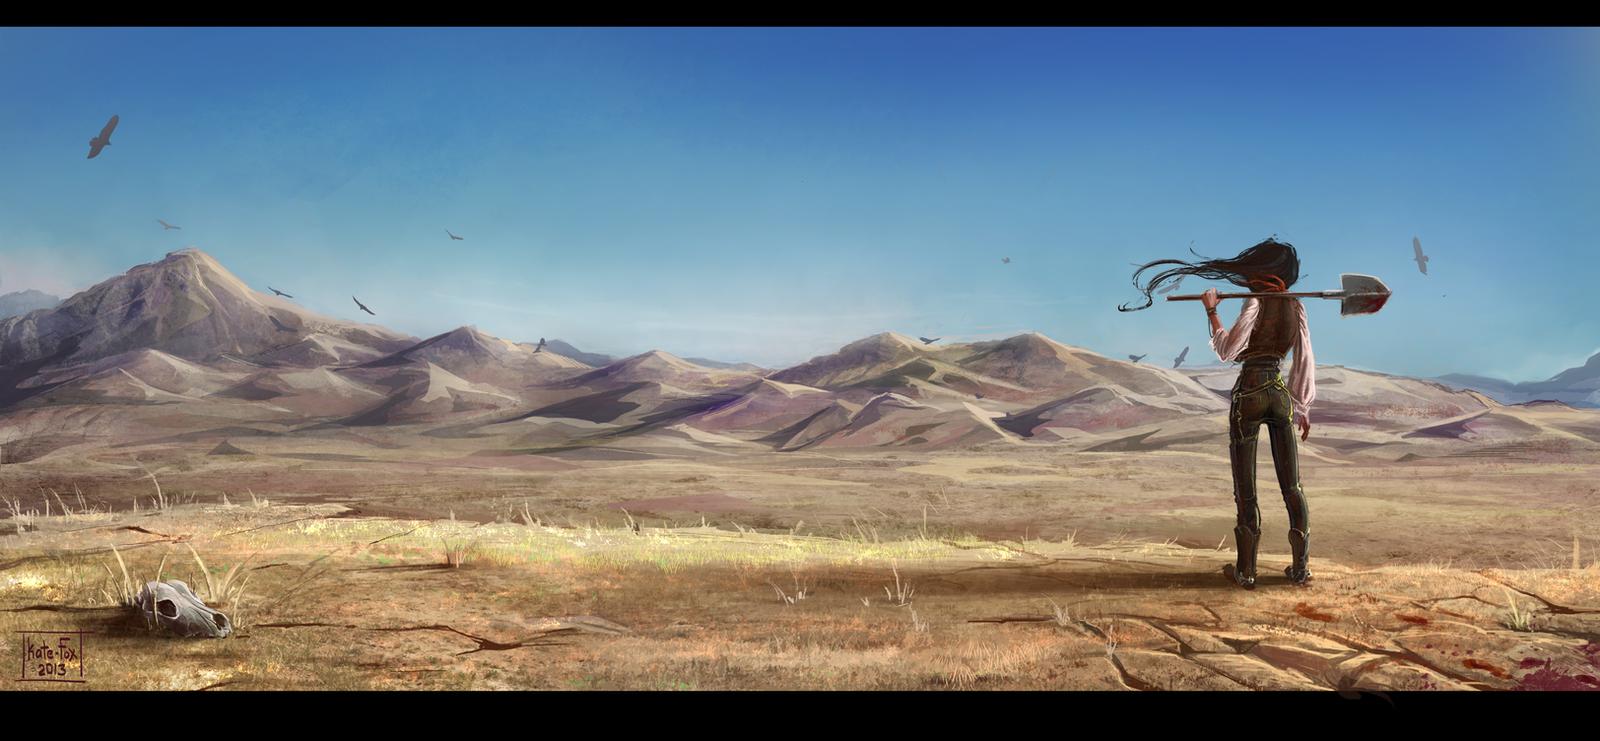 The desert prairie by Kate-FoX